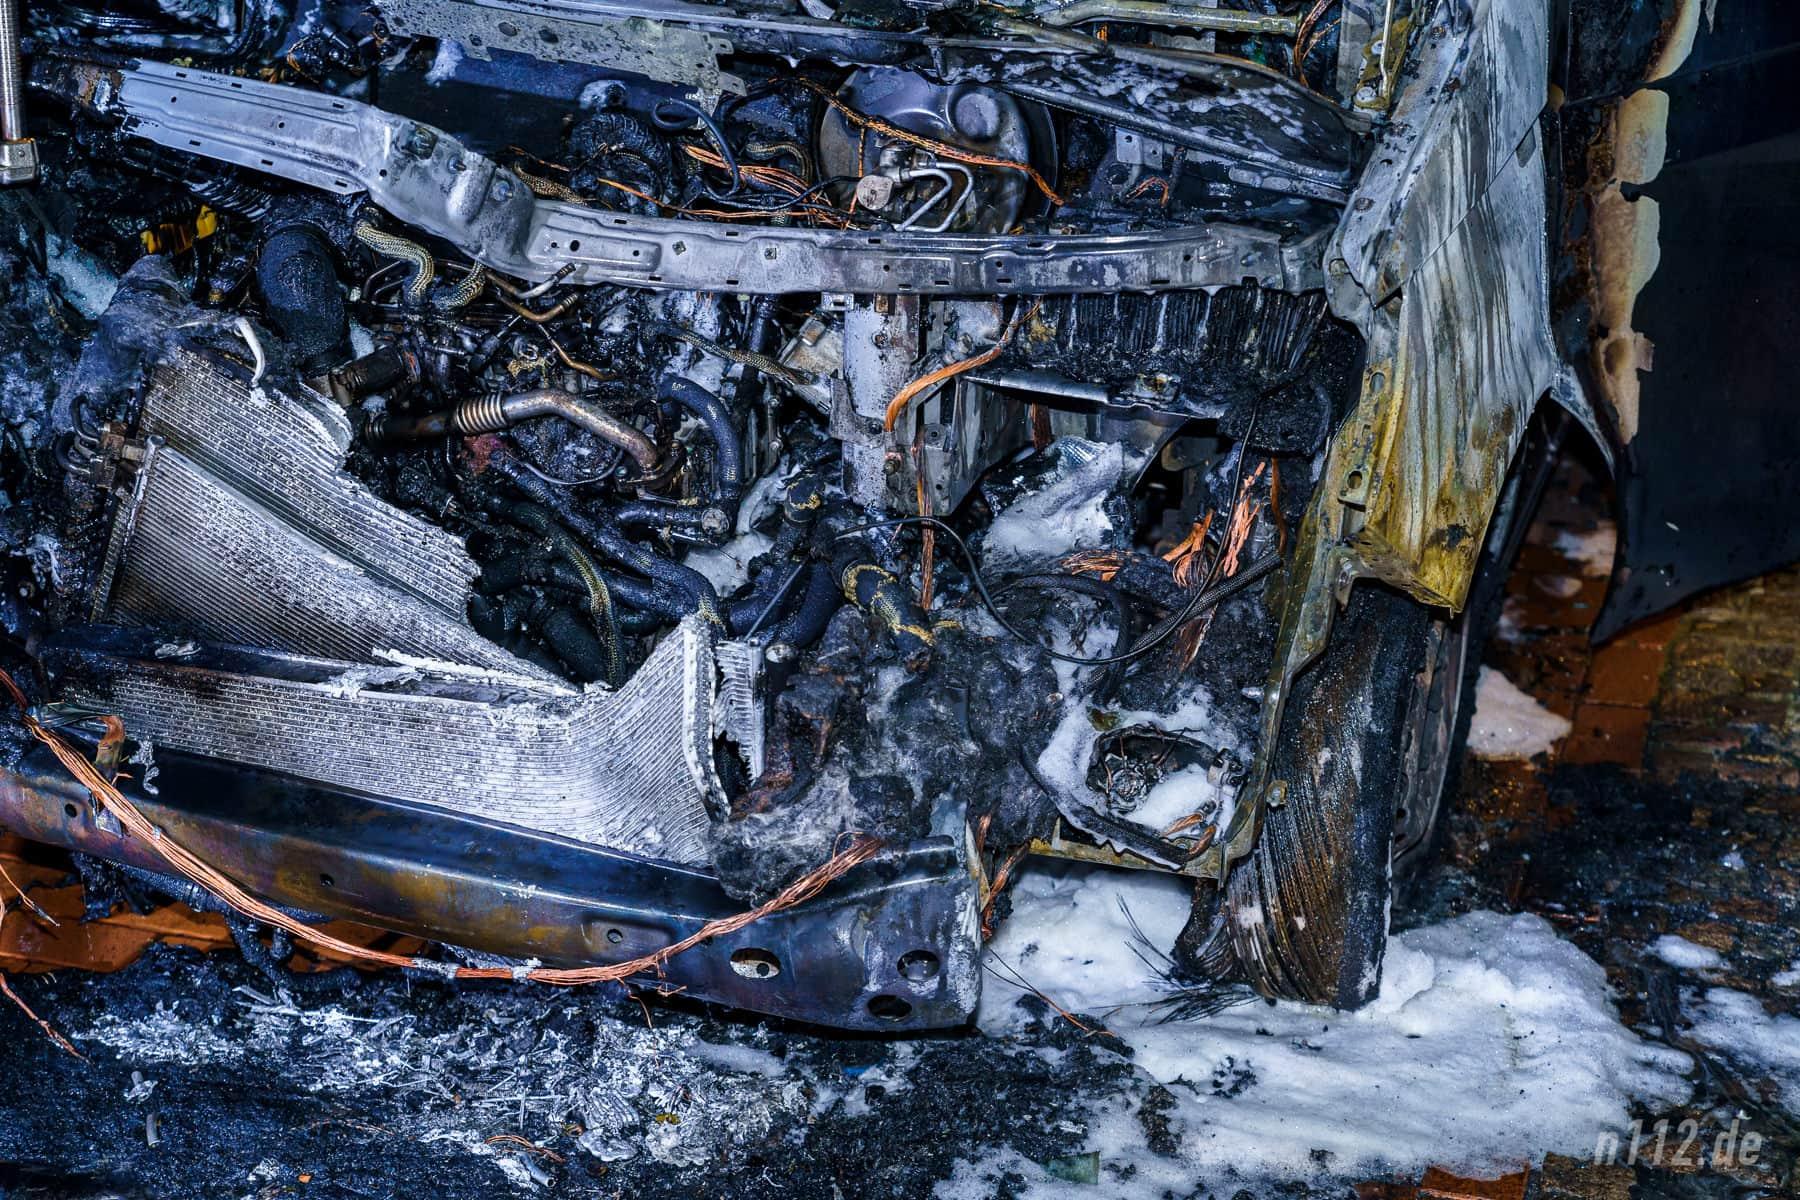 Brandausbruch am linken Vorderreifen? Für die Experten der Polizei kann die Brandausbreitung später meist nachvollzogen werden (Foto: n112.de/Stefan Simonsen)